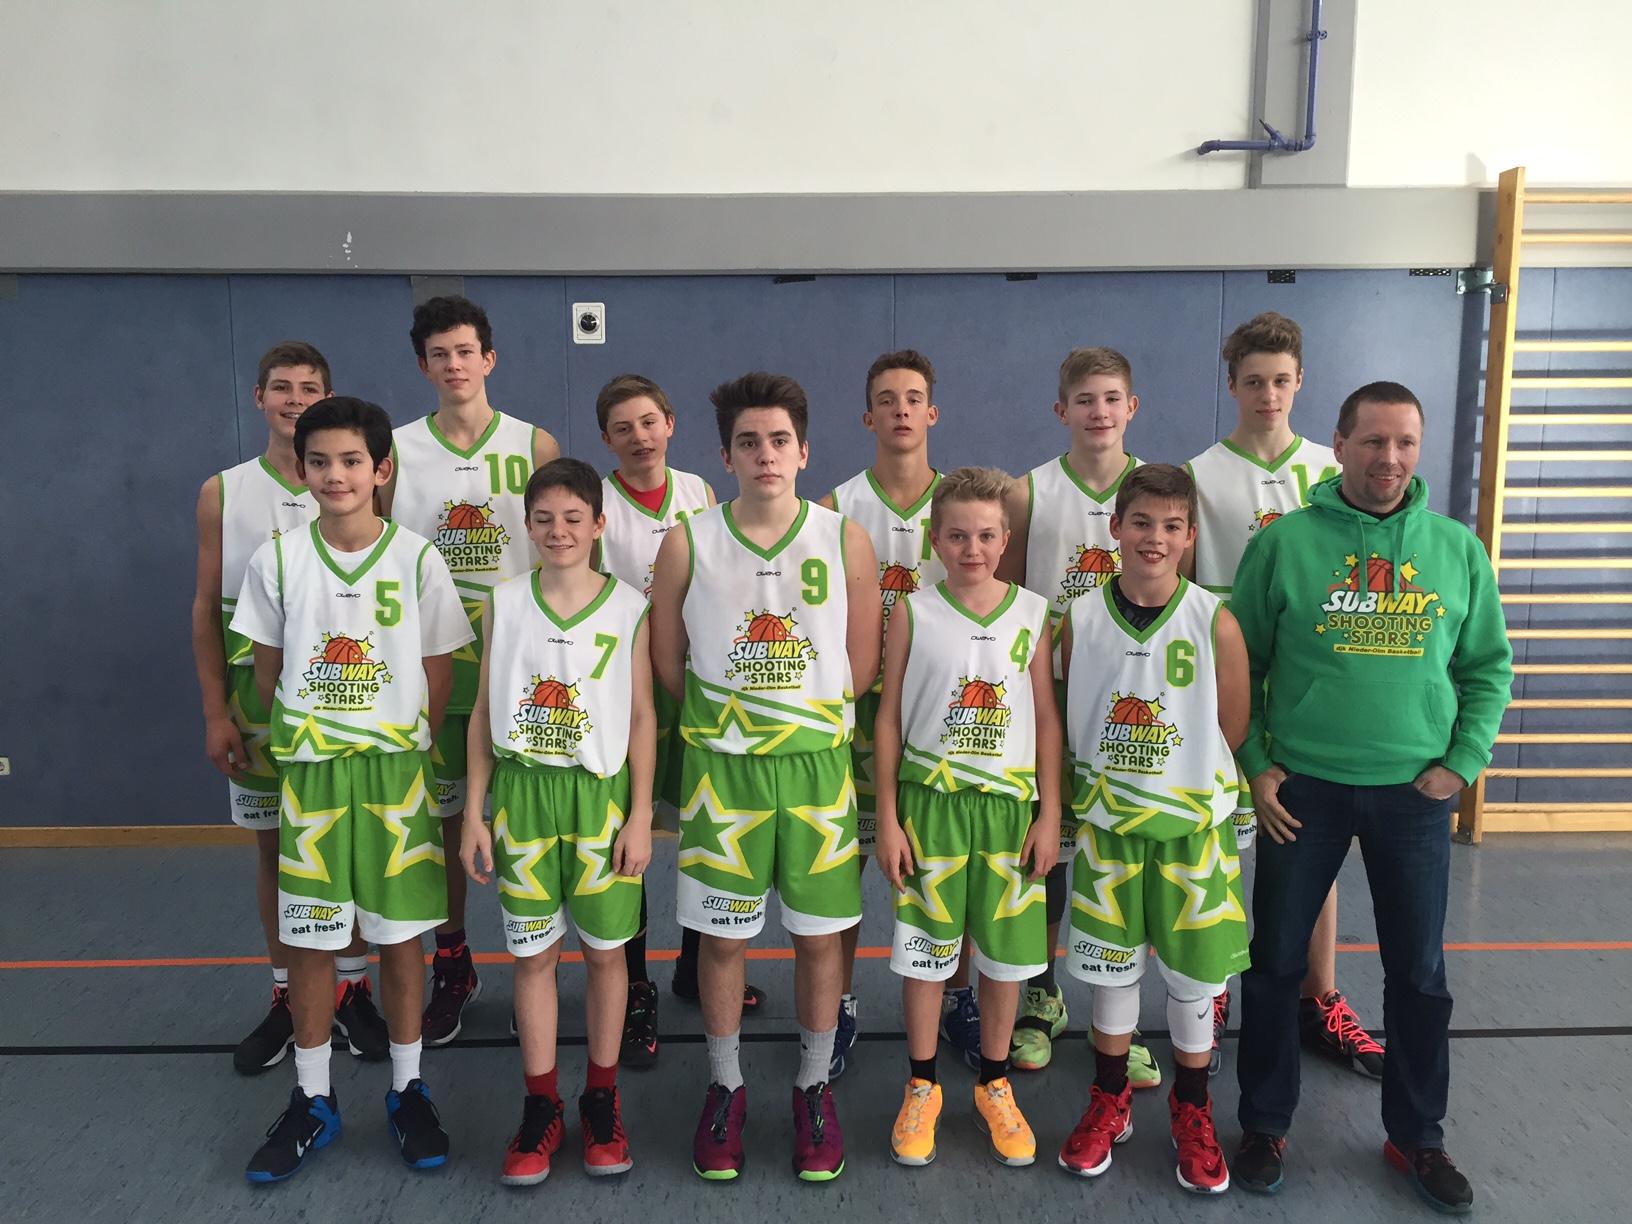 2016 01 DJK Nieder-Olm U16-Rheinhessen-Pfalz-Meisterschaften Team 1